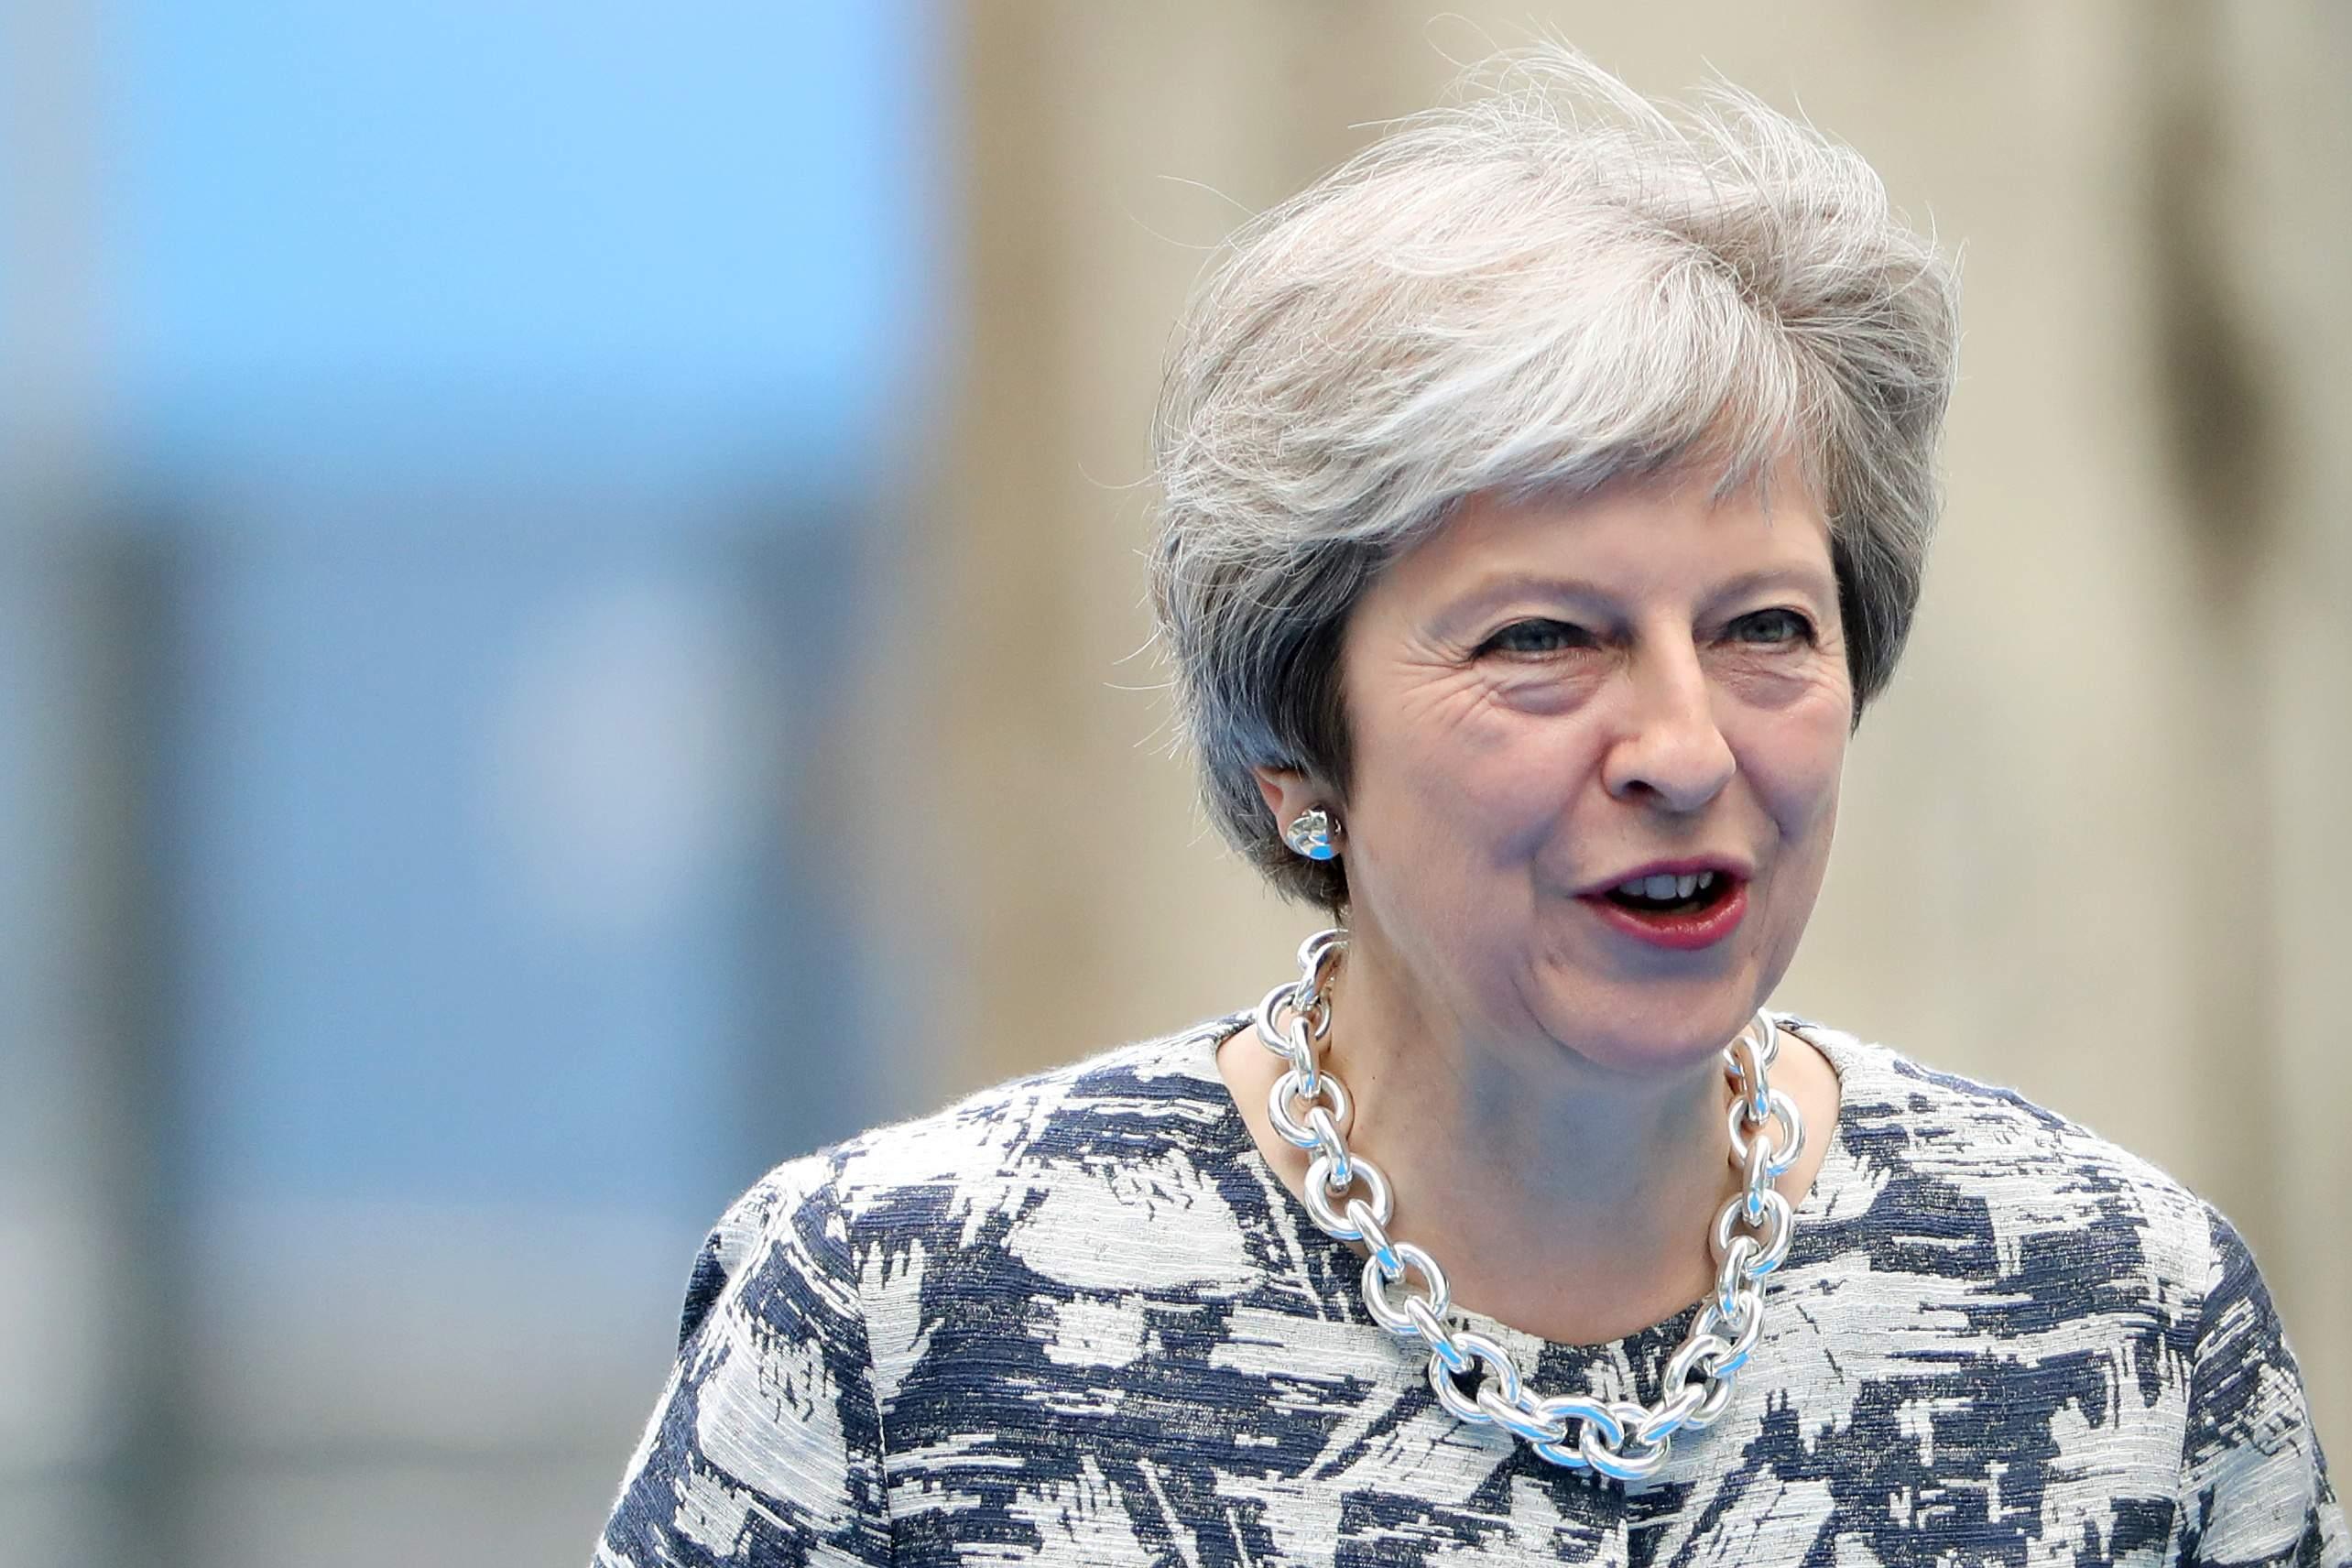 Reino Unido quedará atado a la Unión Europea eternamente: lo que May quería esconder del informe legal del Brexit